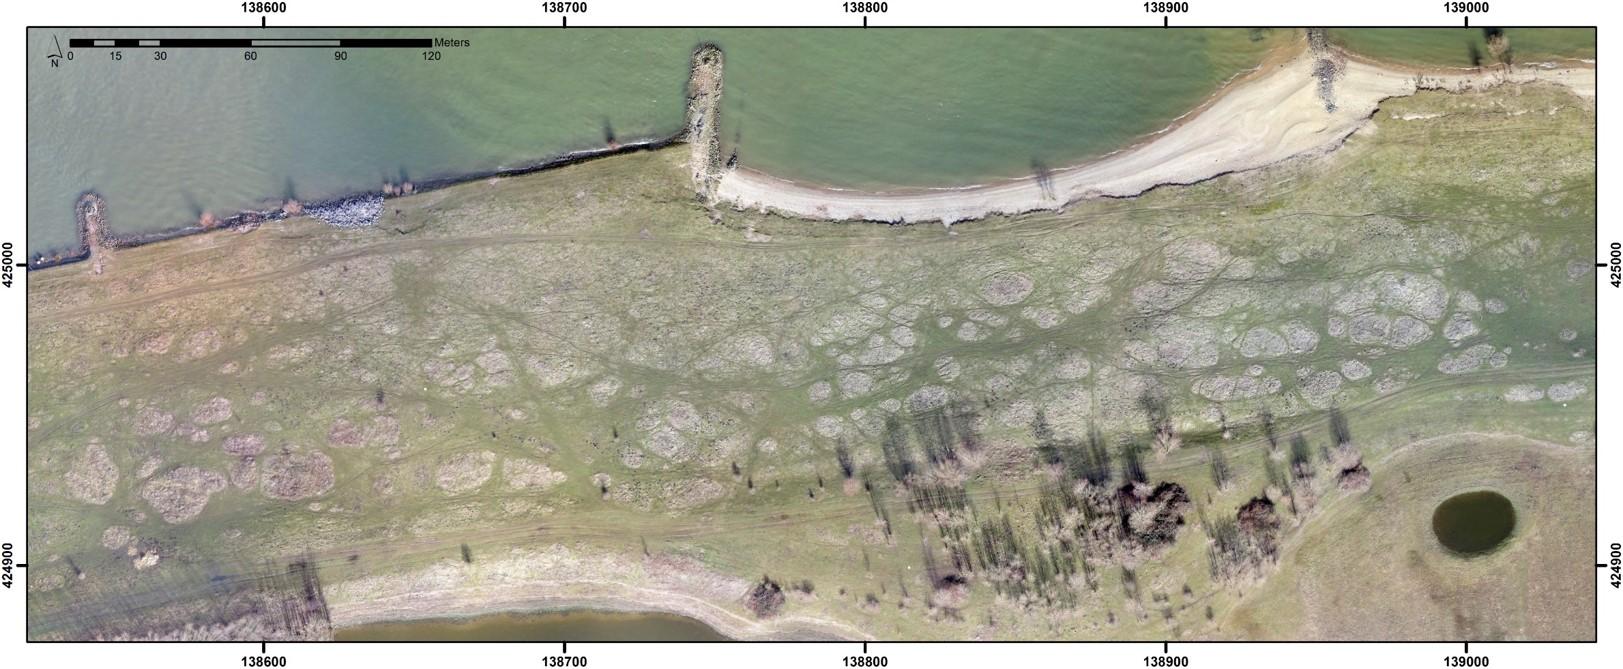 February Vegetation Drones UAVs.jpg